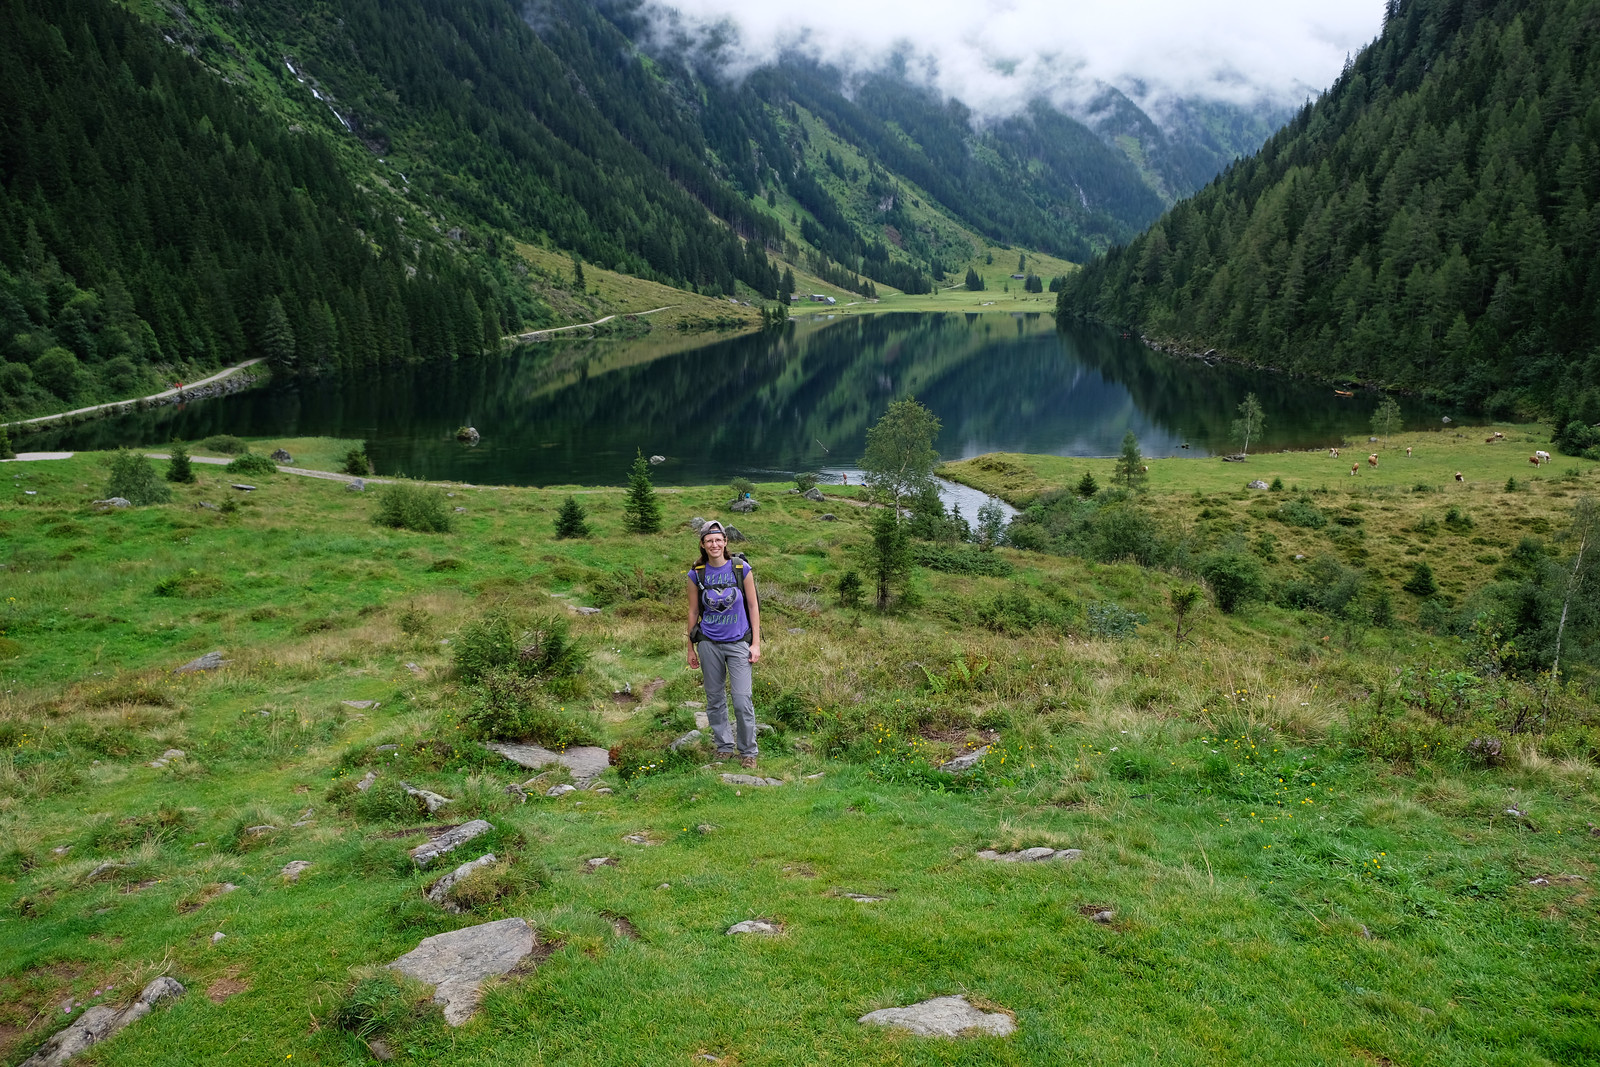 Riesachsee, Austria